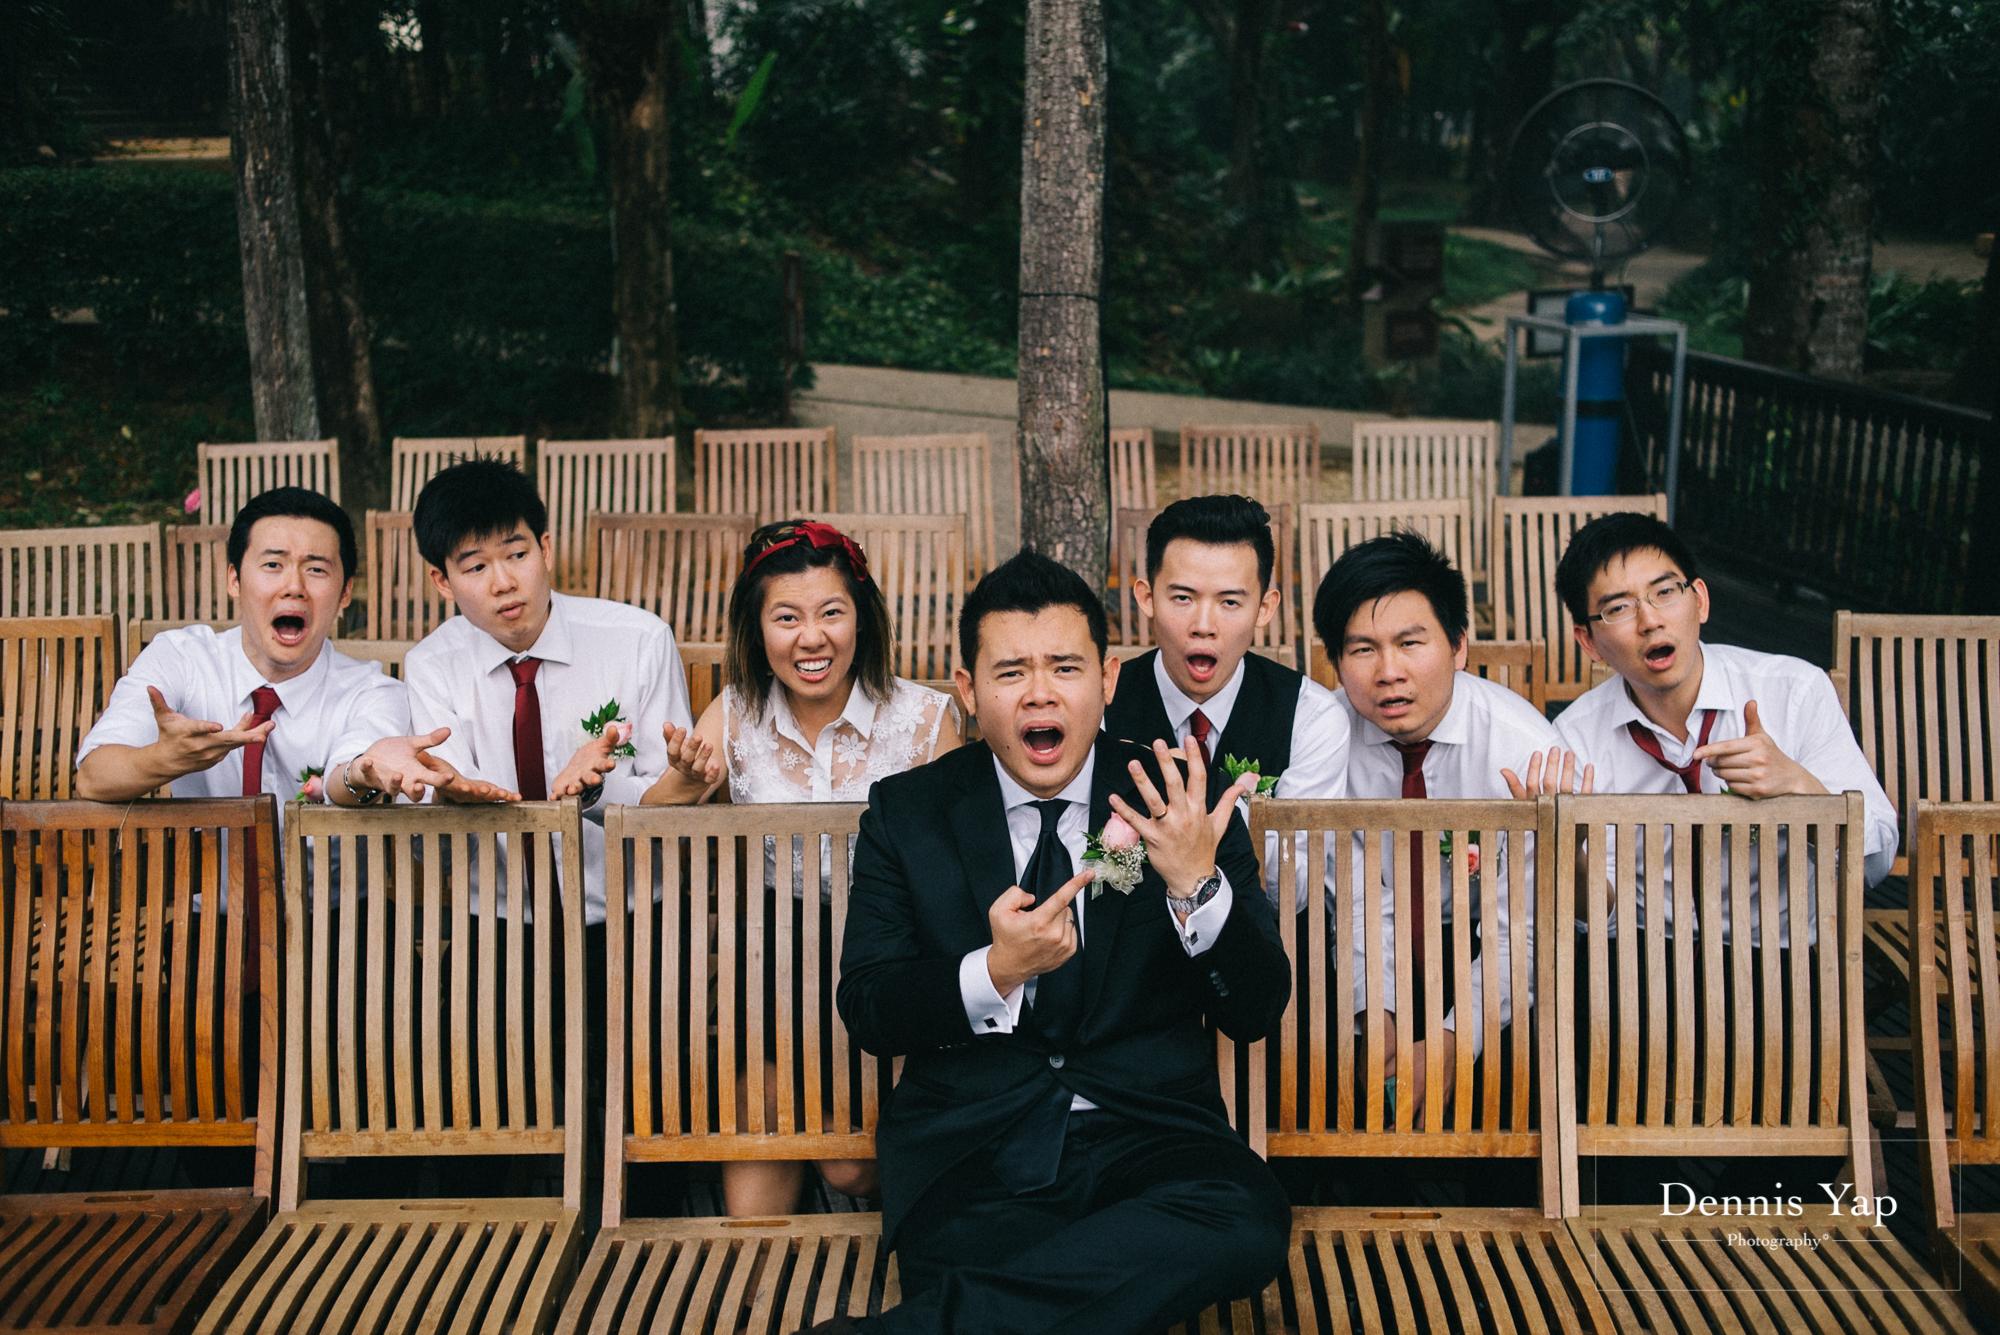 jason su lin rom registration gita bayu serdang wedding reception ceremony dennis yap photography fog malaysia-37.jpg